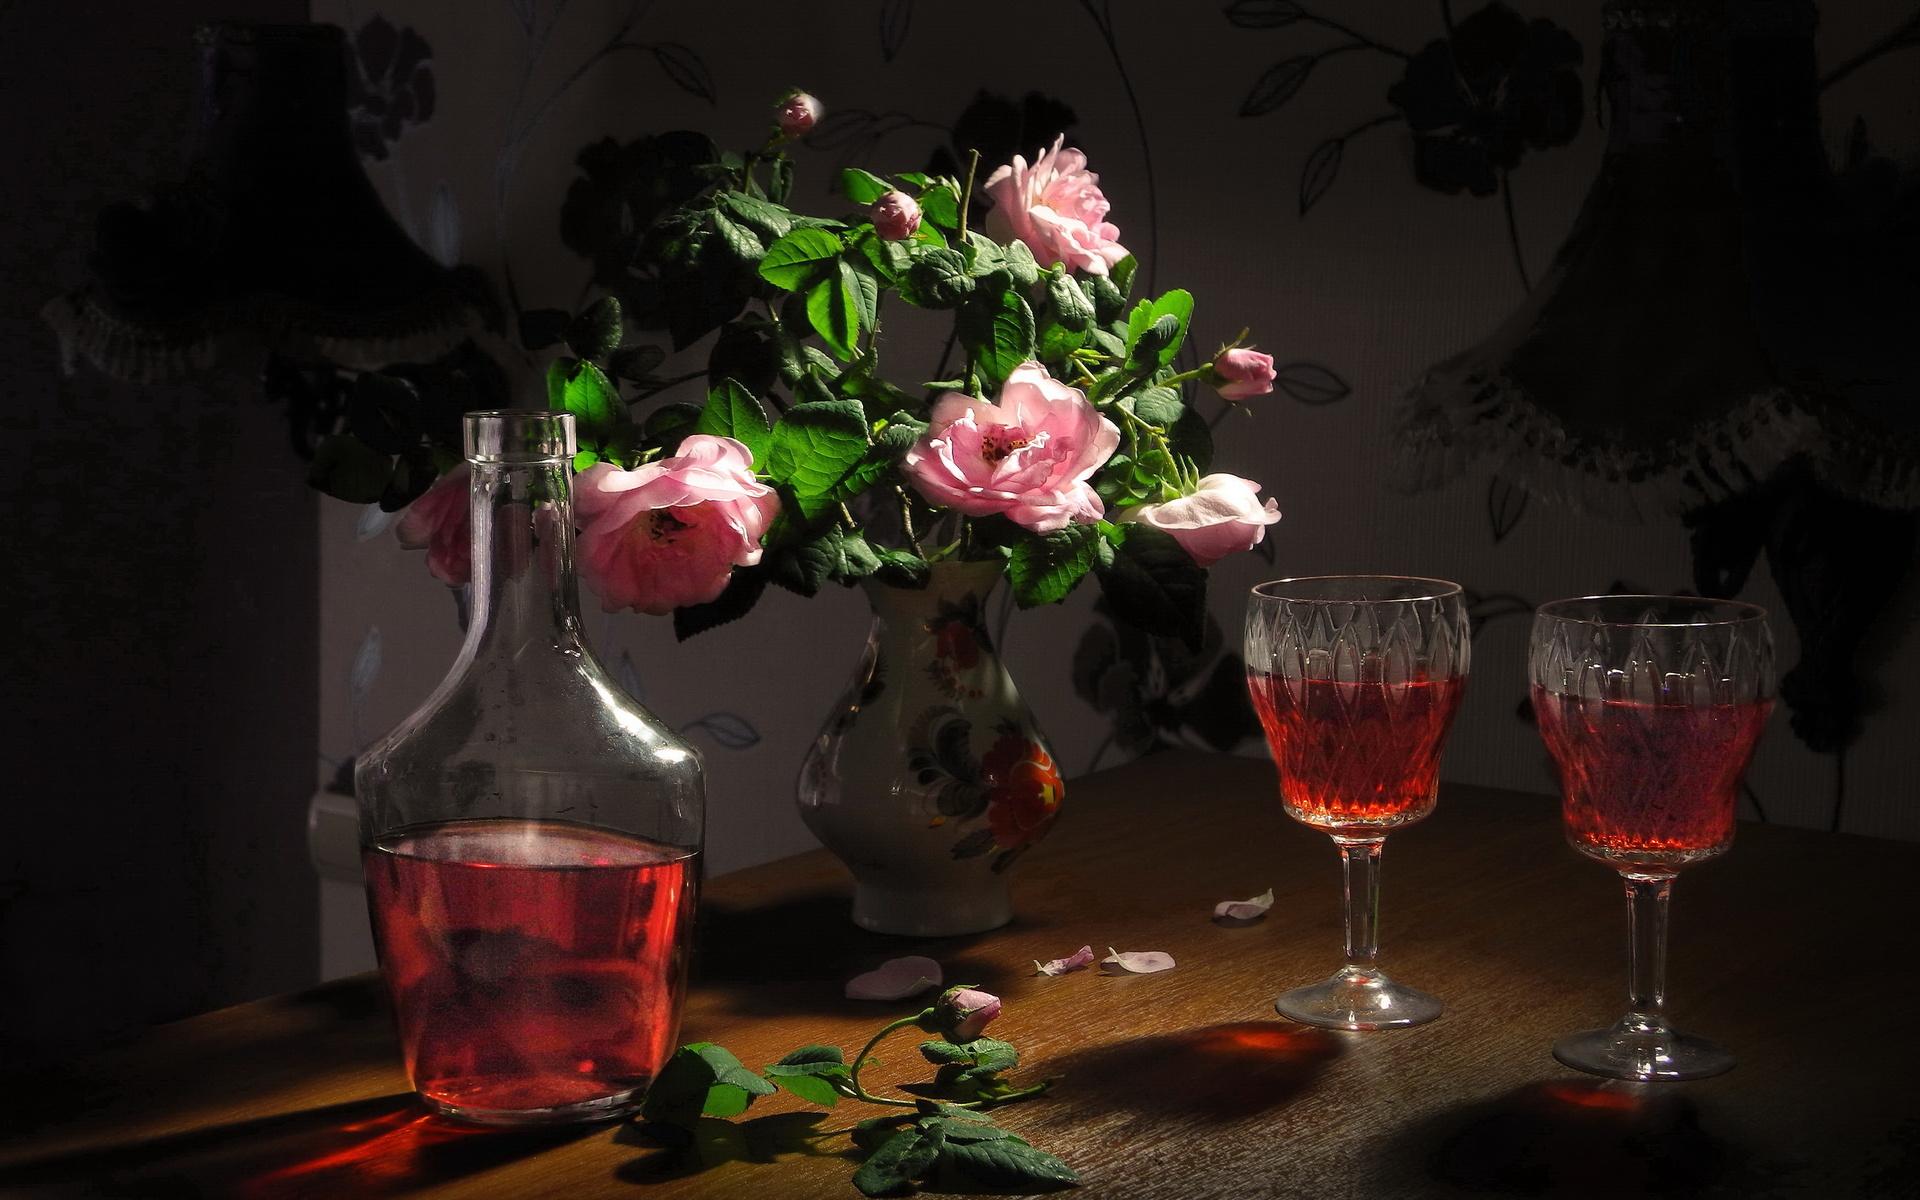 цветы, розы, лепестки, бокалы, ваза, напиток, натюрморт, бутыль, ликёр, сергей фунтовой